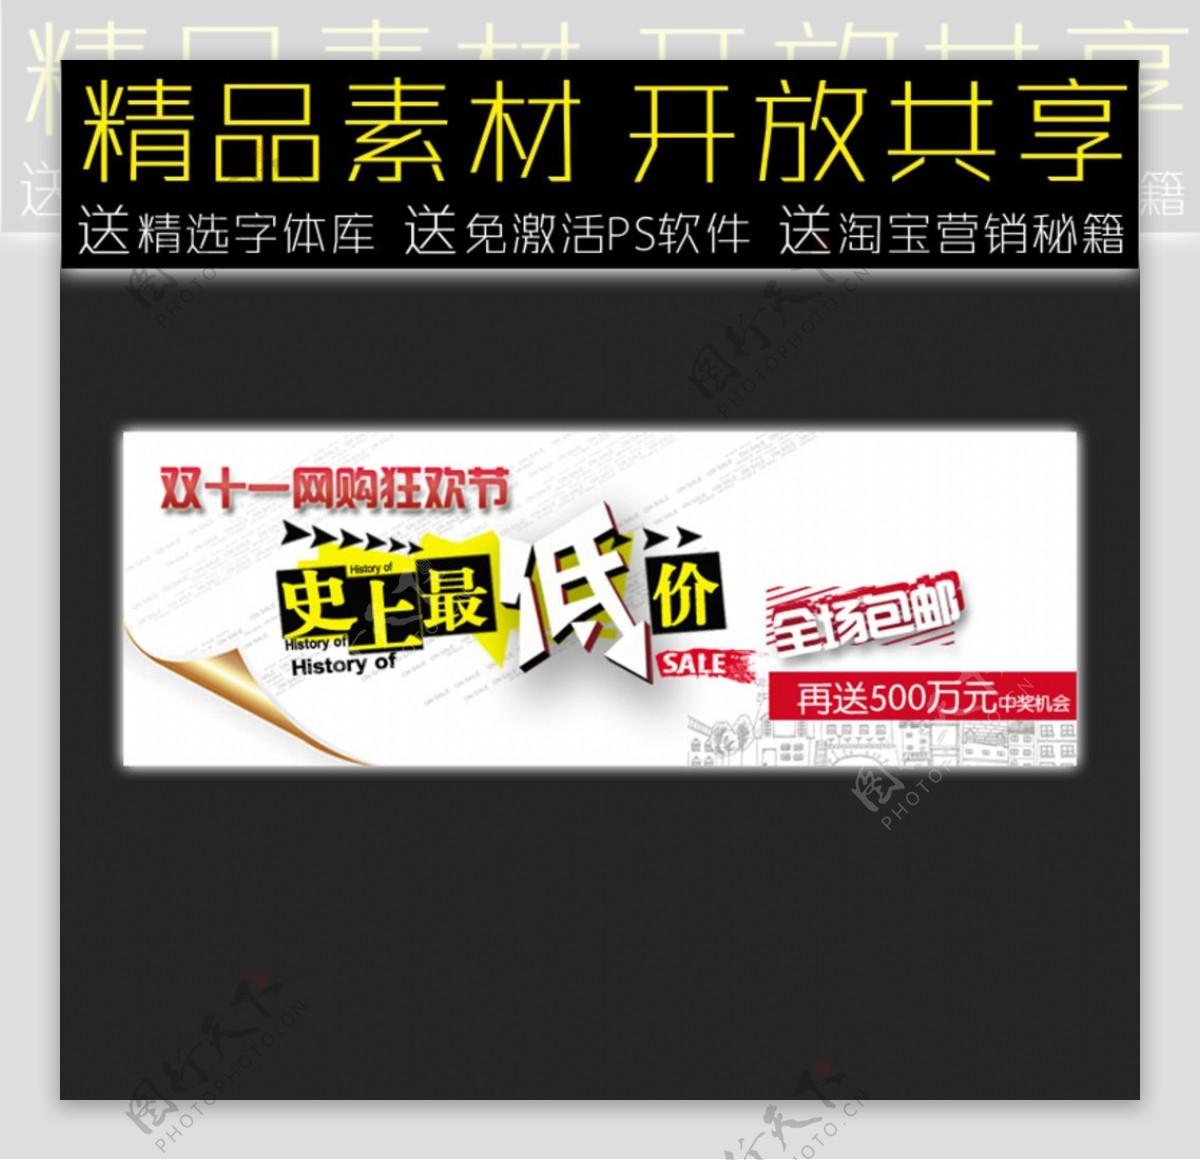 低价促销促销海报设计图片